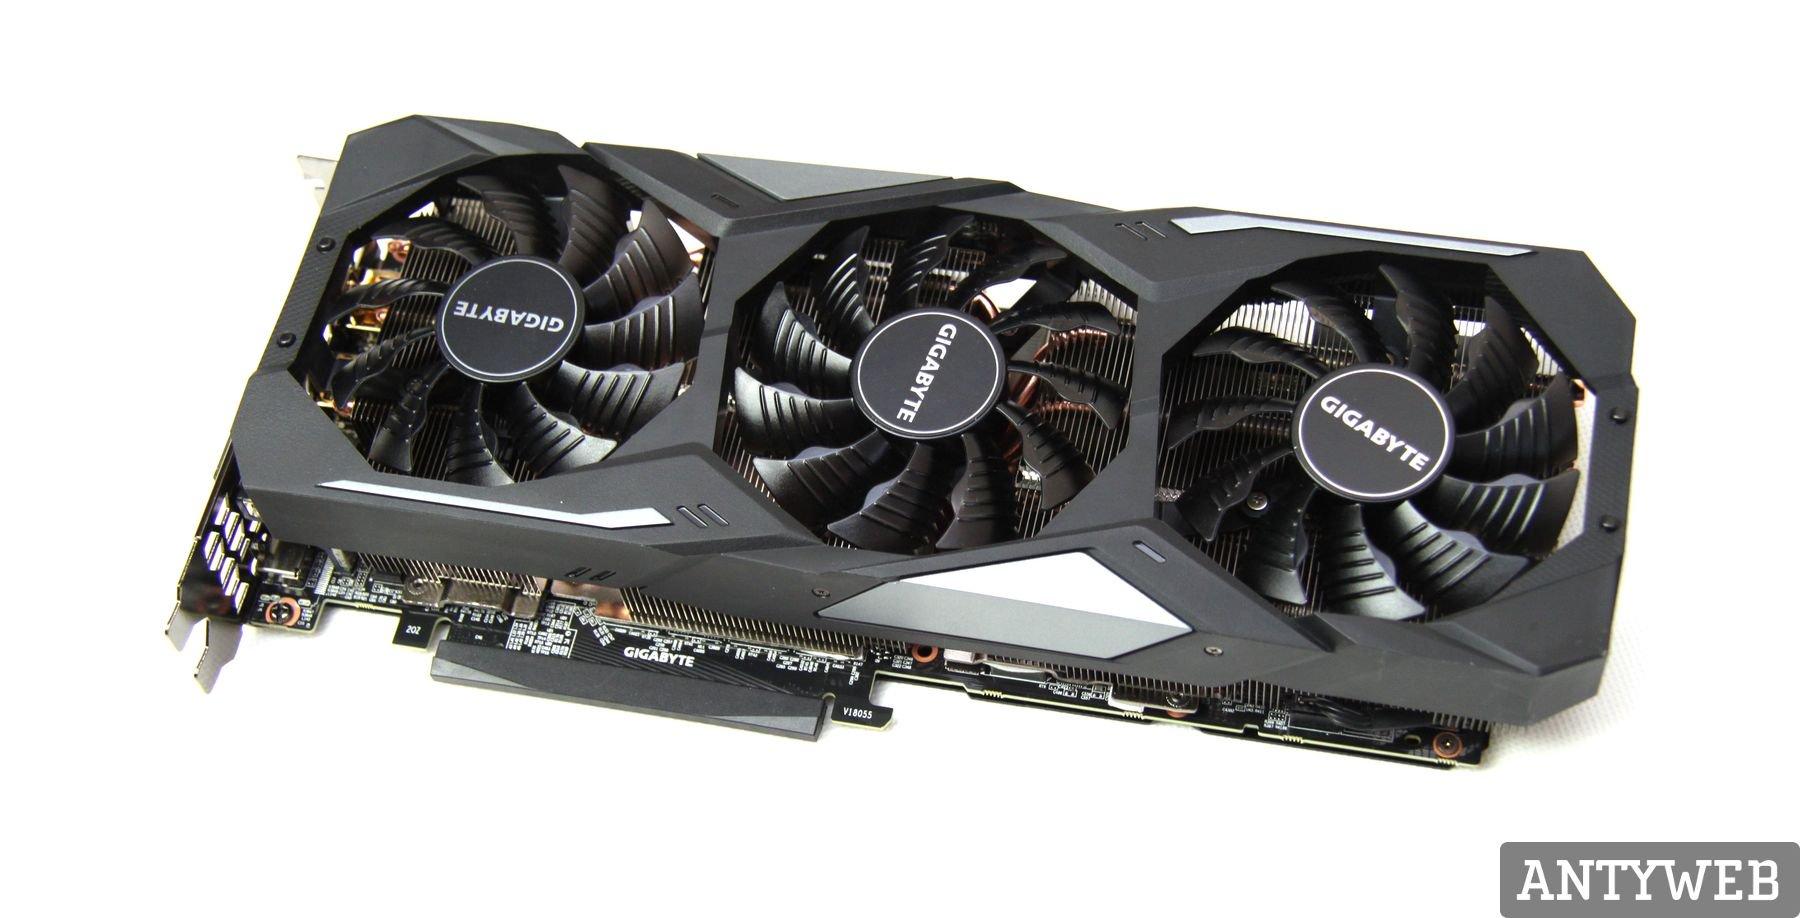 Recenzja Gigabyte GeForce RTX 2080Ti Gaming OC 11G - zdjęcie karty